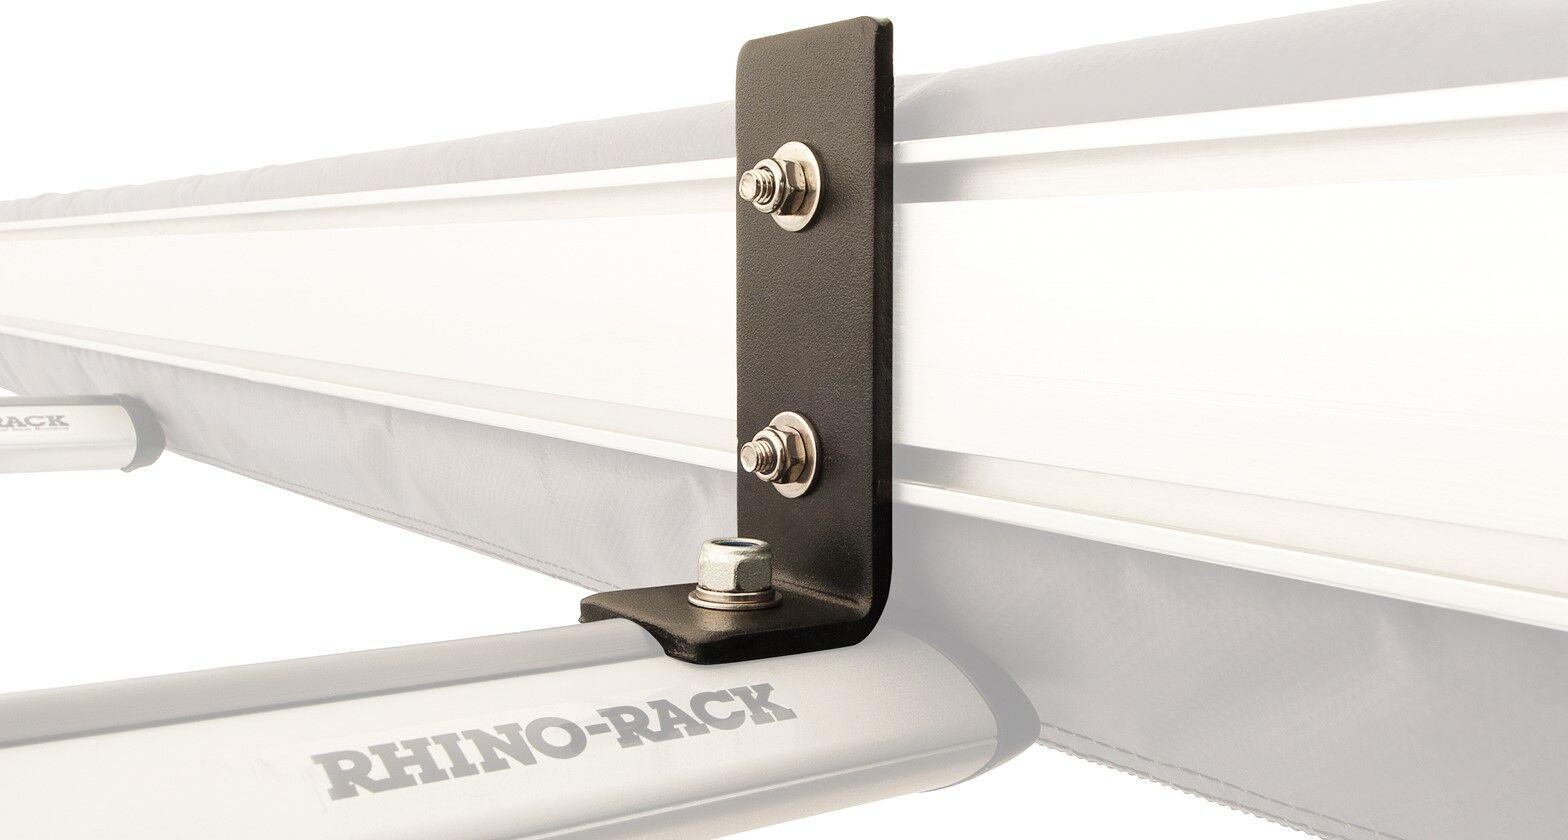 Rhino Roof Rack Universal Awning Mounting Bracket Kit